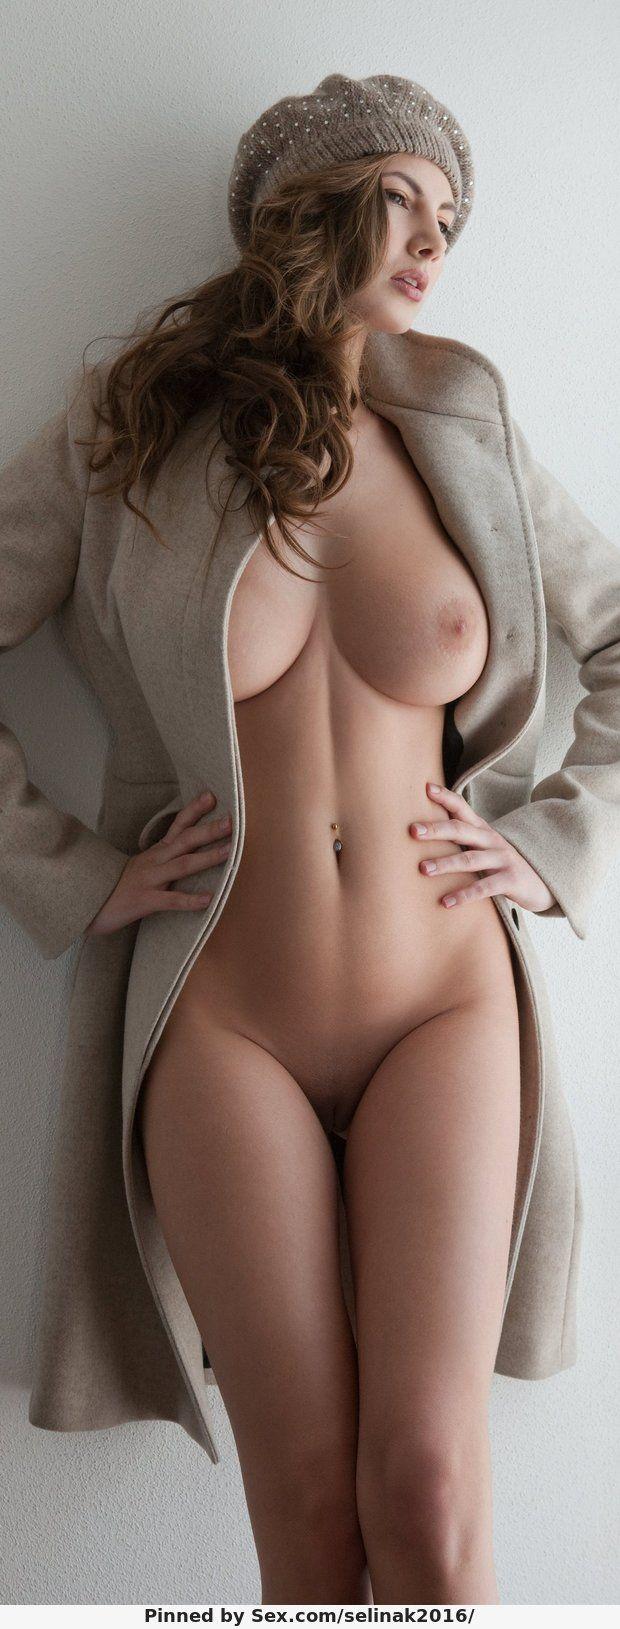 Most beautiful nude busty women